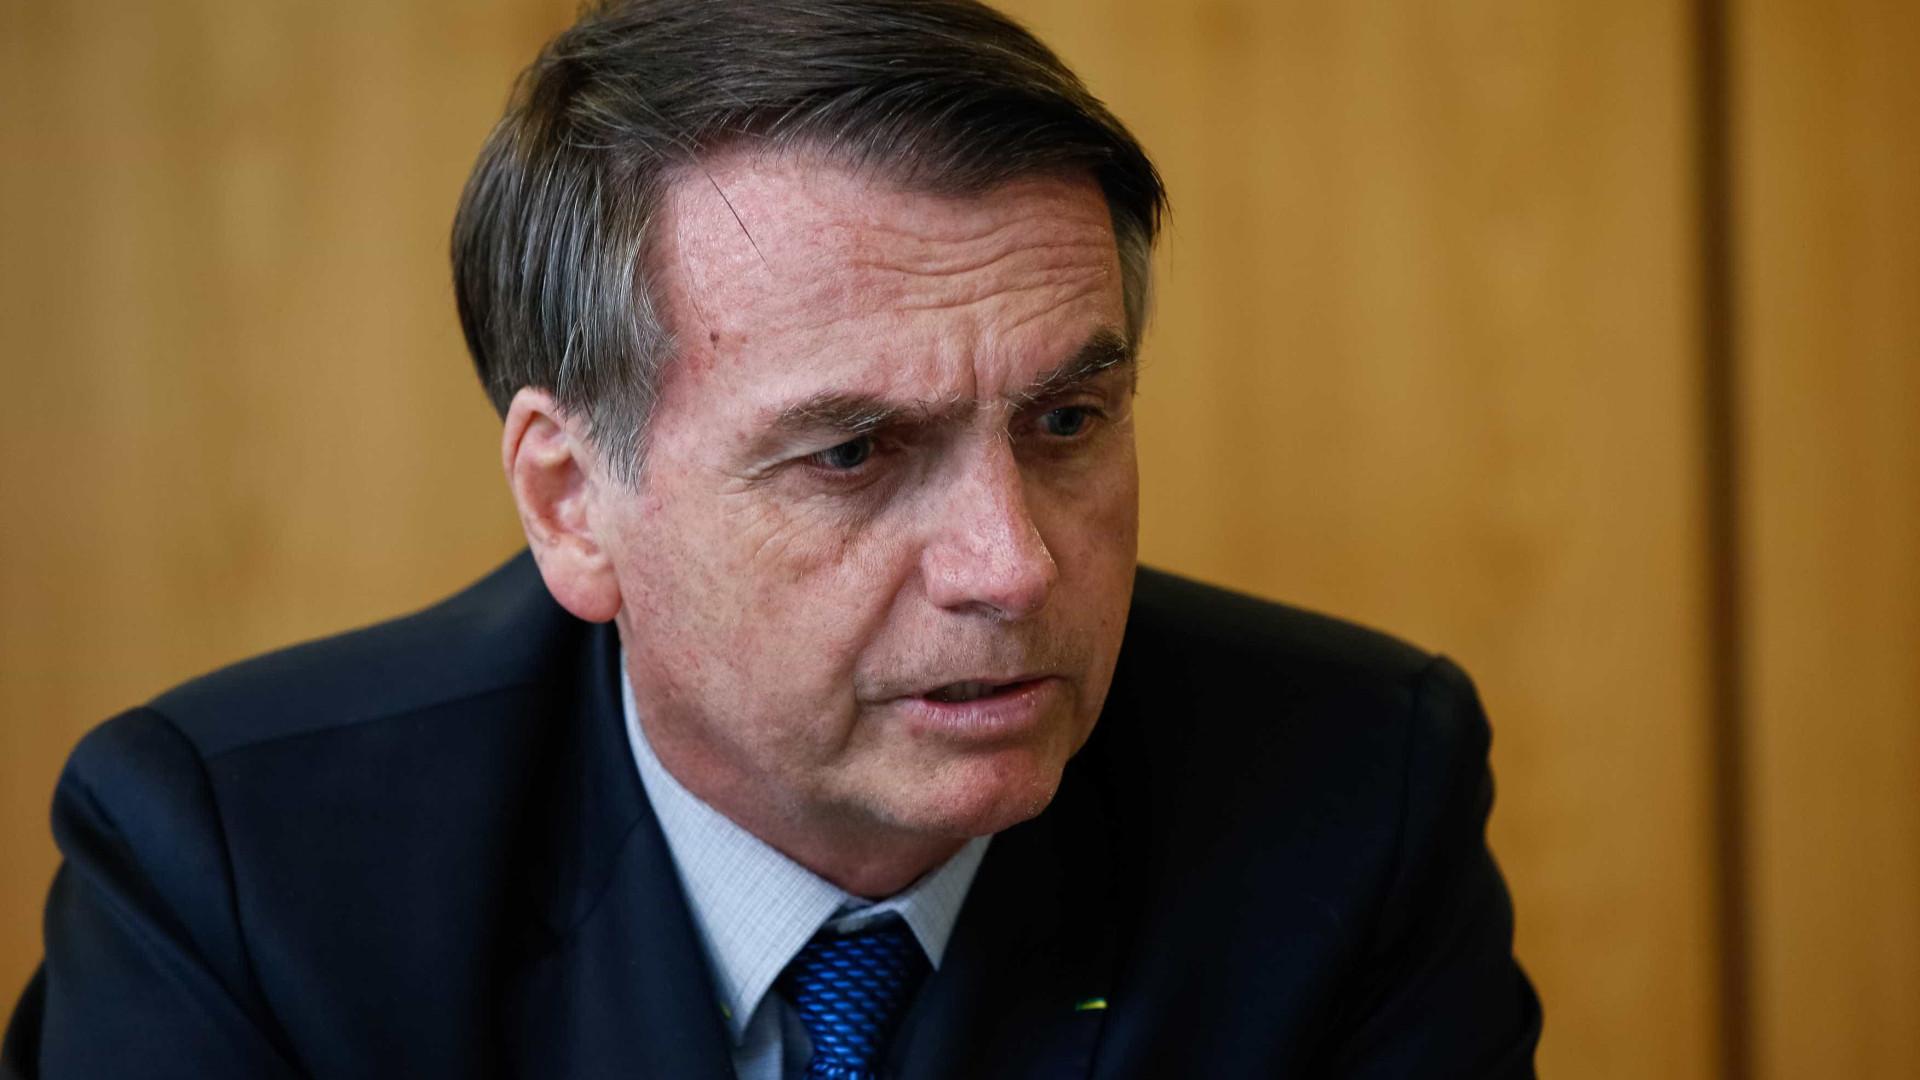 Ministros militares se irritam com decisão de Bolsonaro sobre Mourão